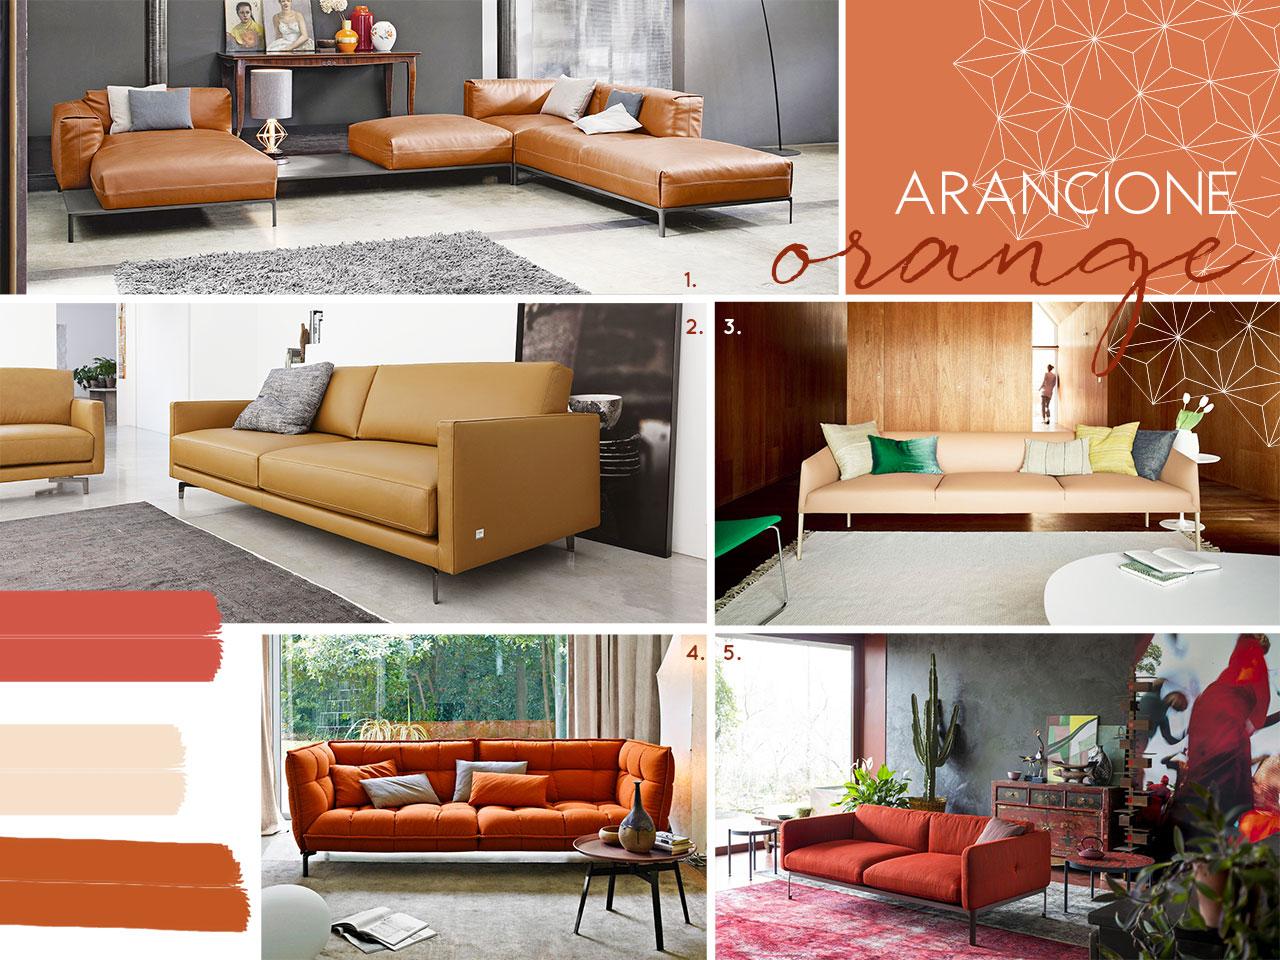 cinque divani arancioni ispirazioni e sfumature di colori.